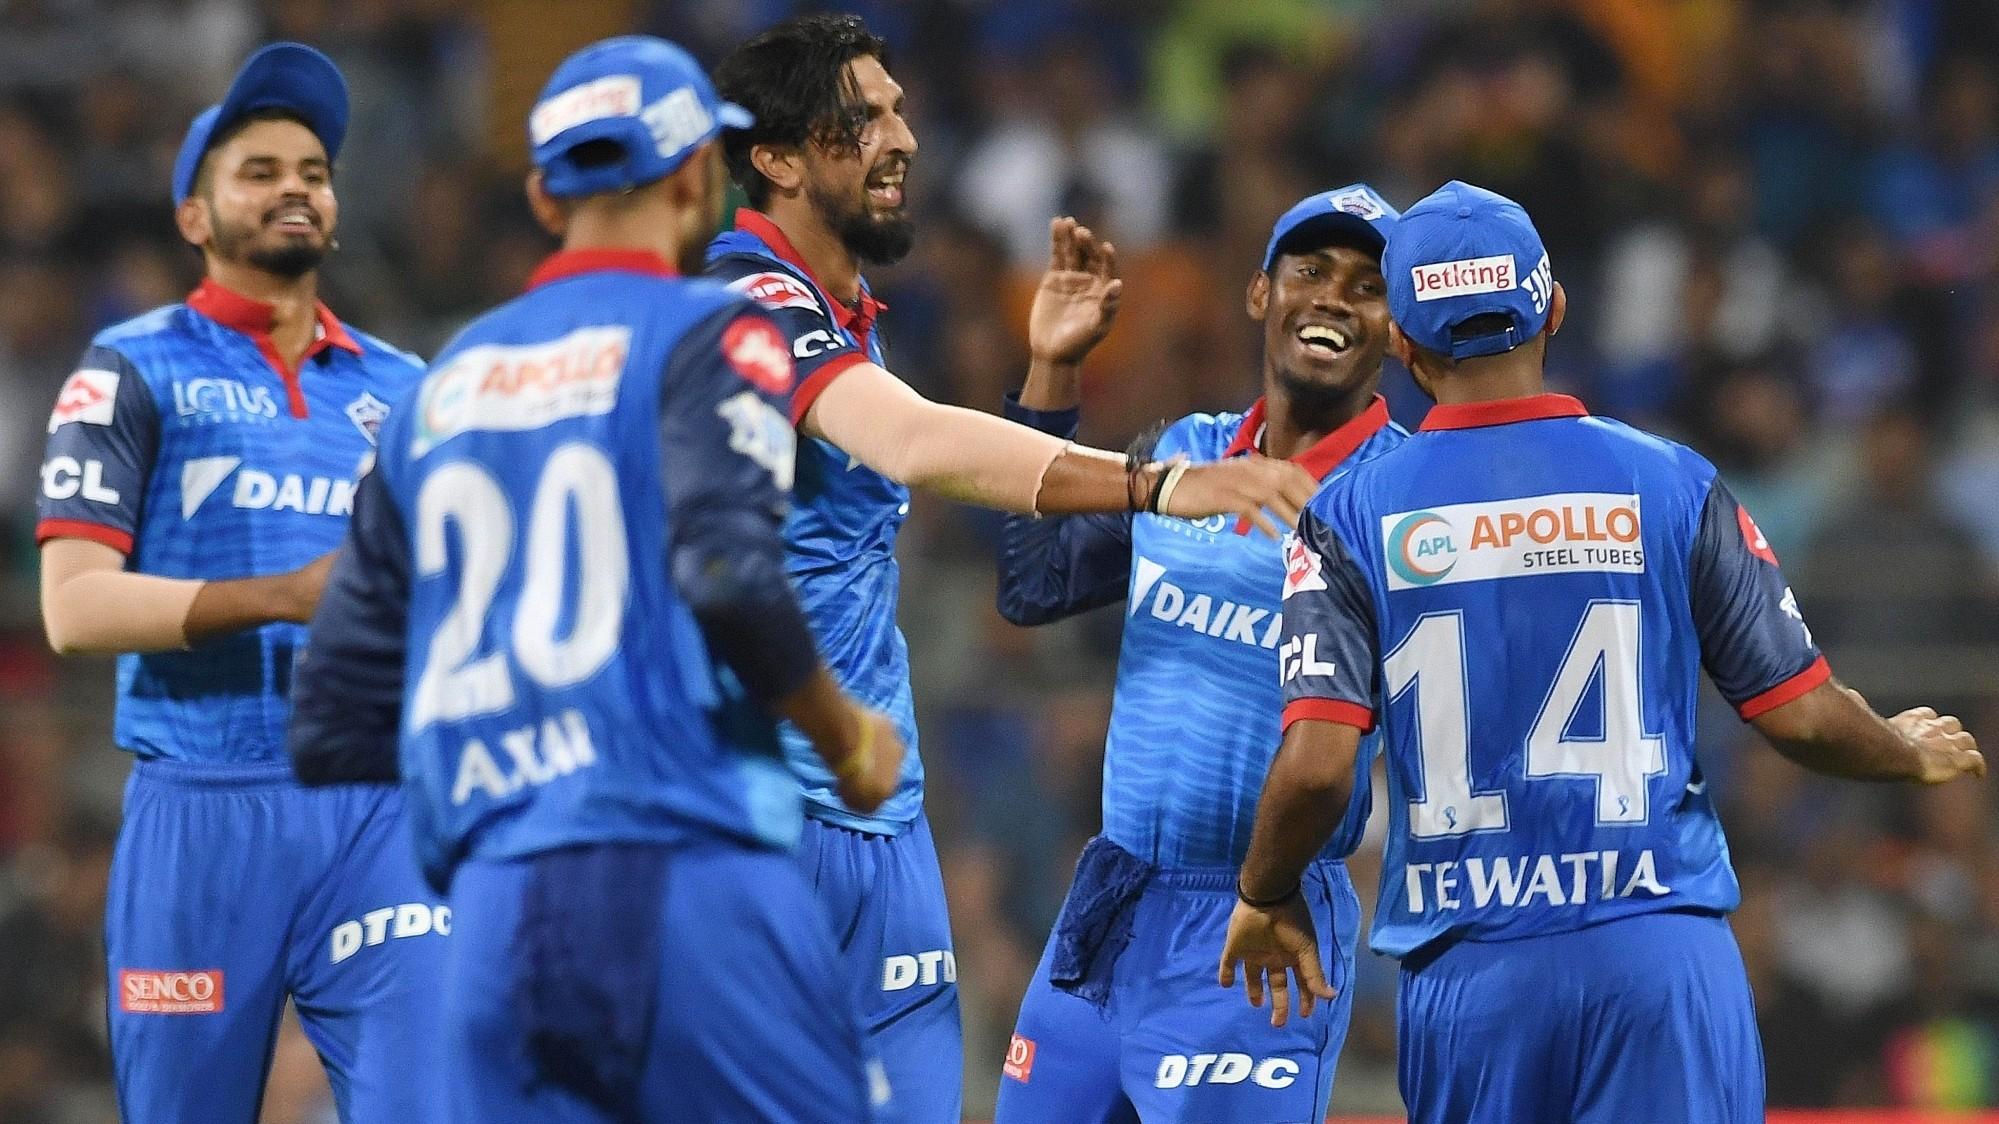 IPL 2020: Delhi Capitals chairman says IPL 13 will play